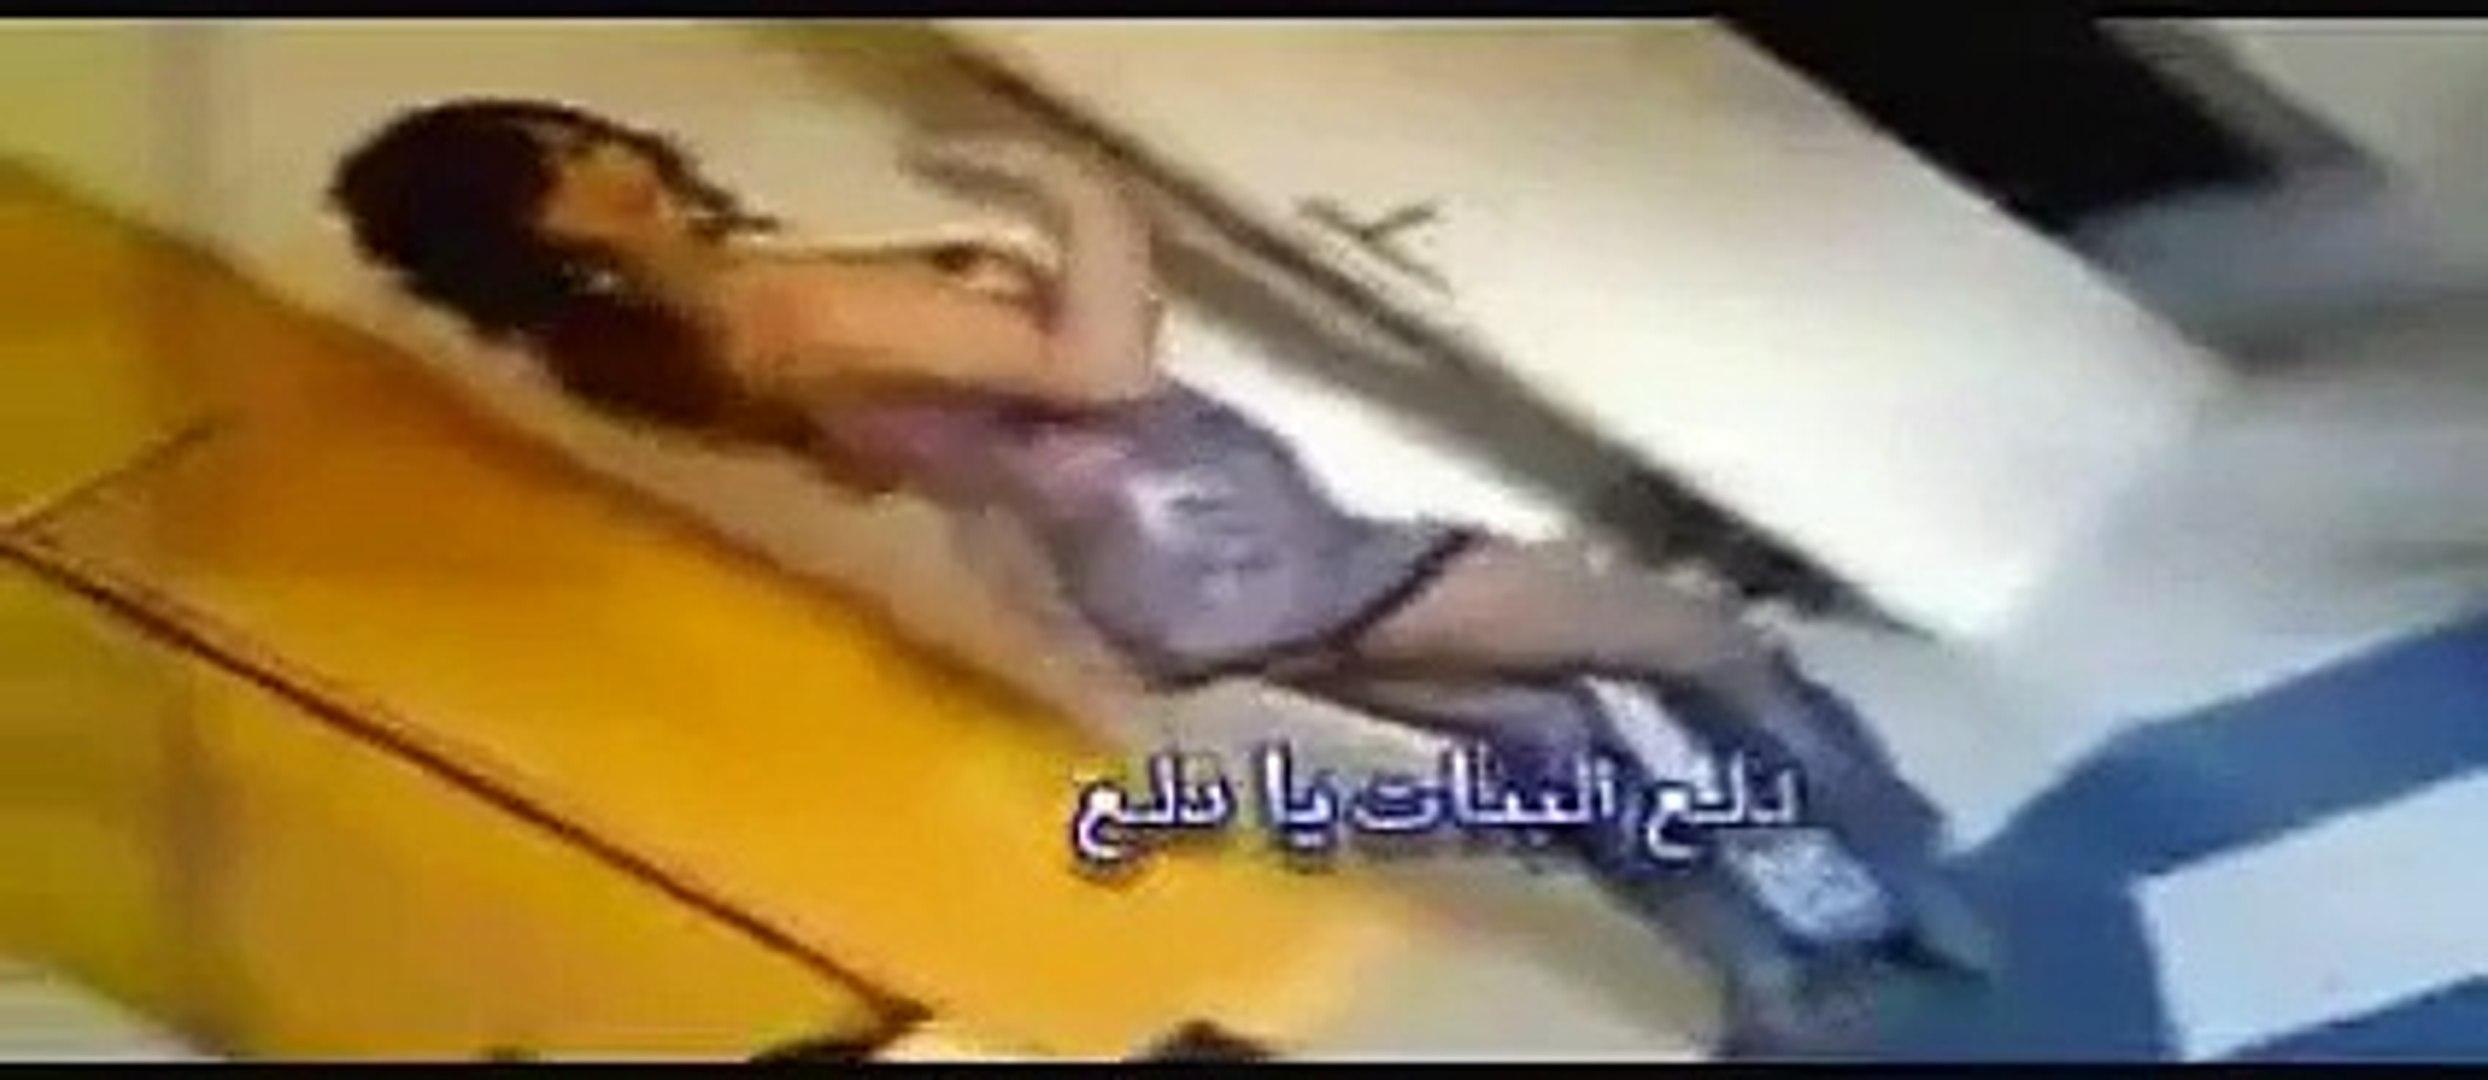 رقص بنات منزلي بنت لبنانية رقص فاحشش ومثيير[1]